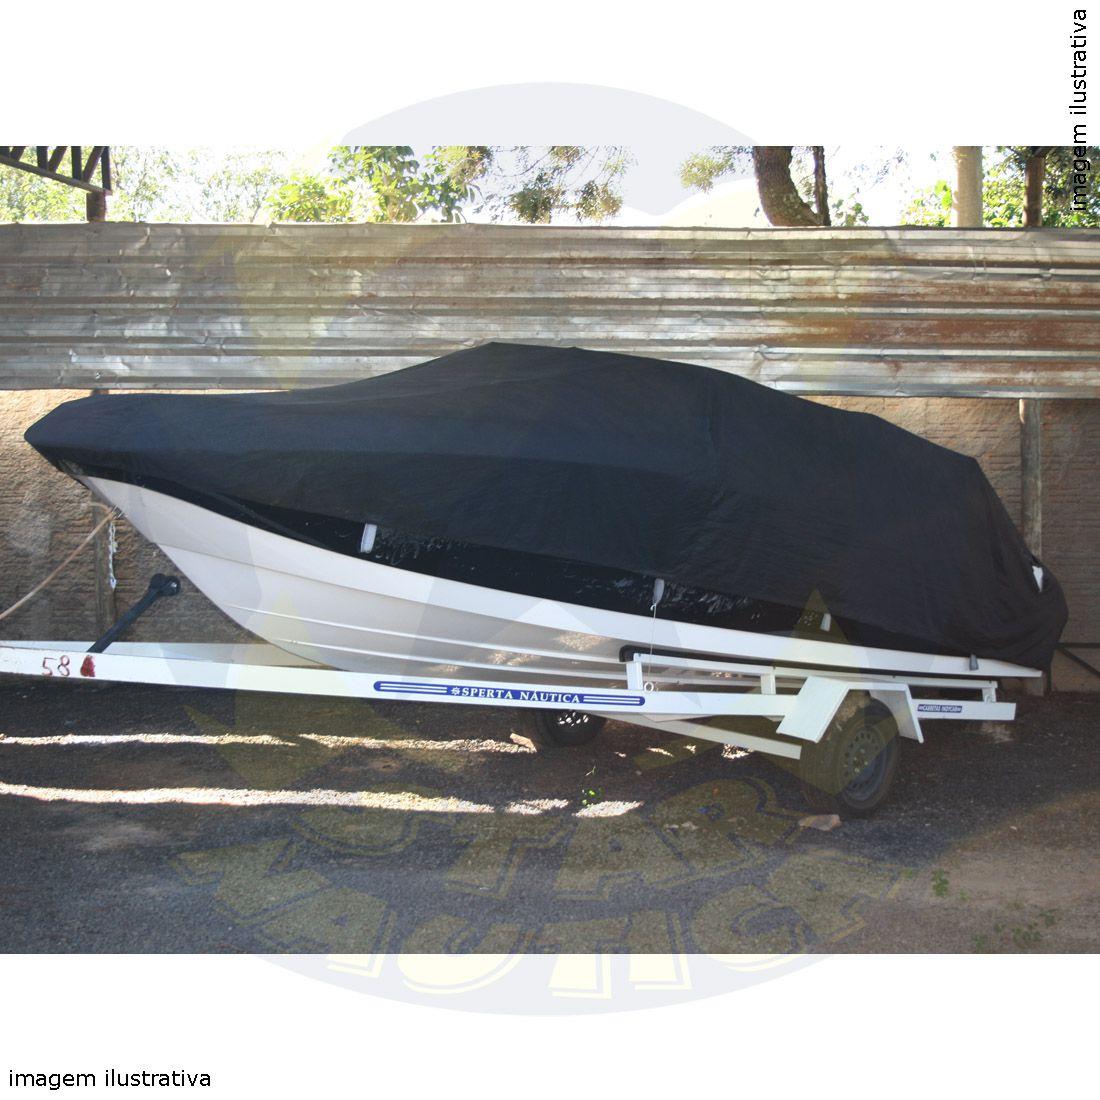 Capa Lona de Cobertura Lancha Ventura 210 Lona Guarda Chuva